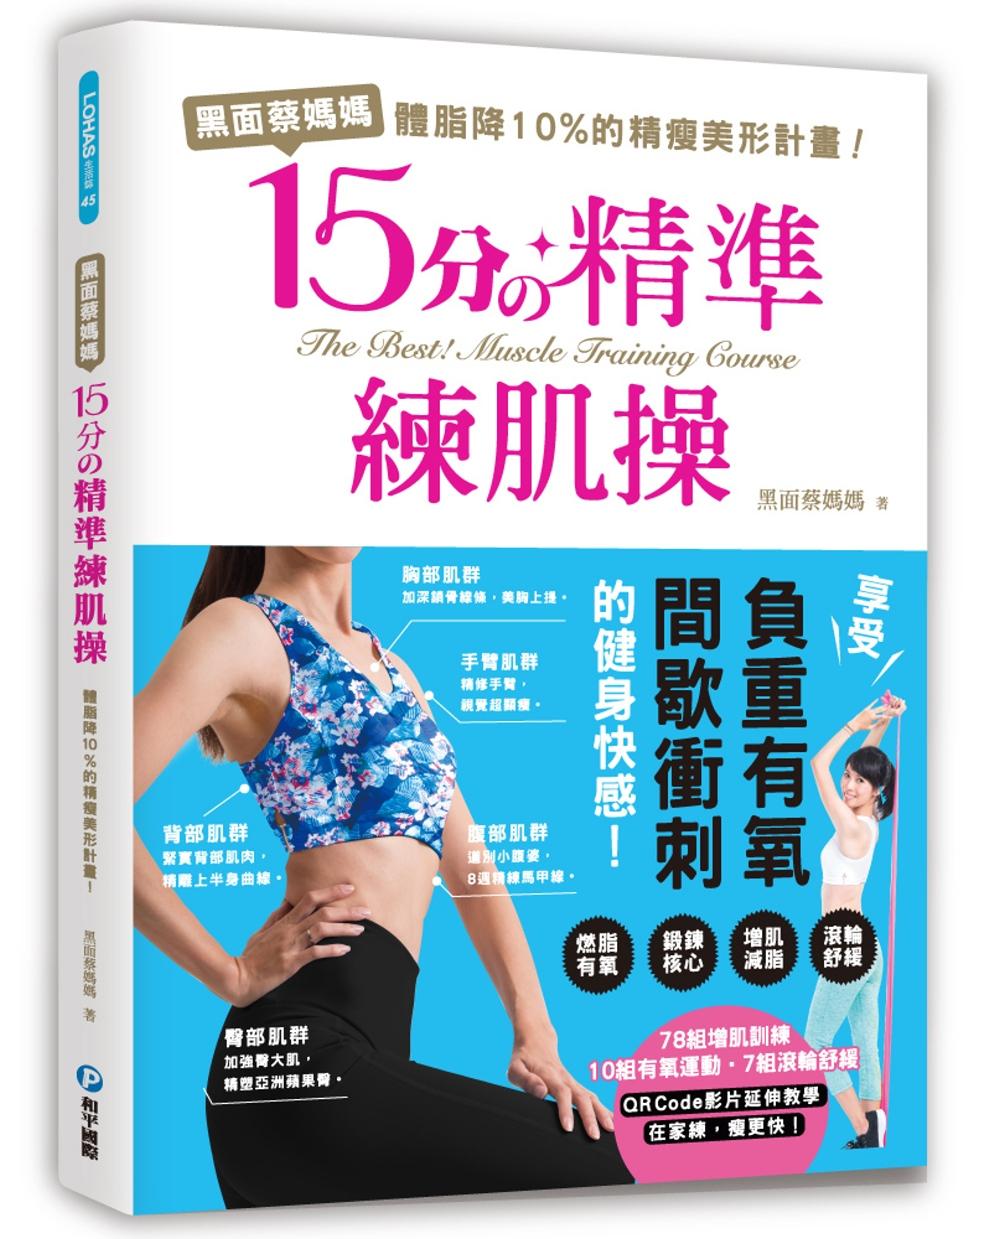 黑面蔡媽媽的15分精準練肌操:間歇衝刺燃脂動作完全圖解,短時有成效!每天15分鐘,體脂有感降10%的精瘦美形計畫!